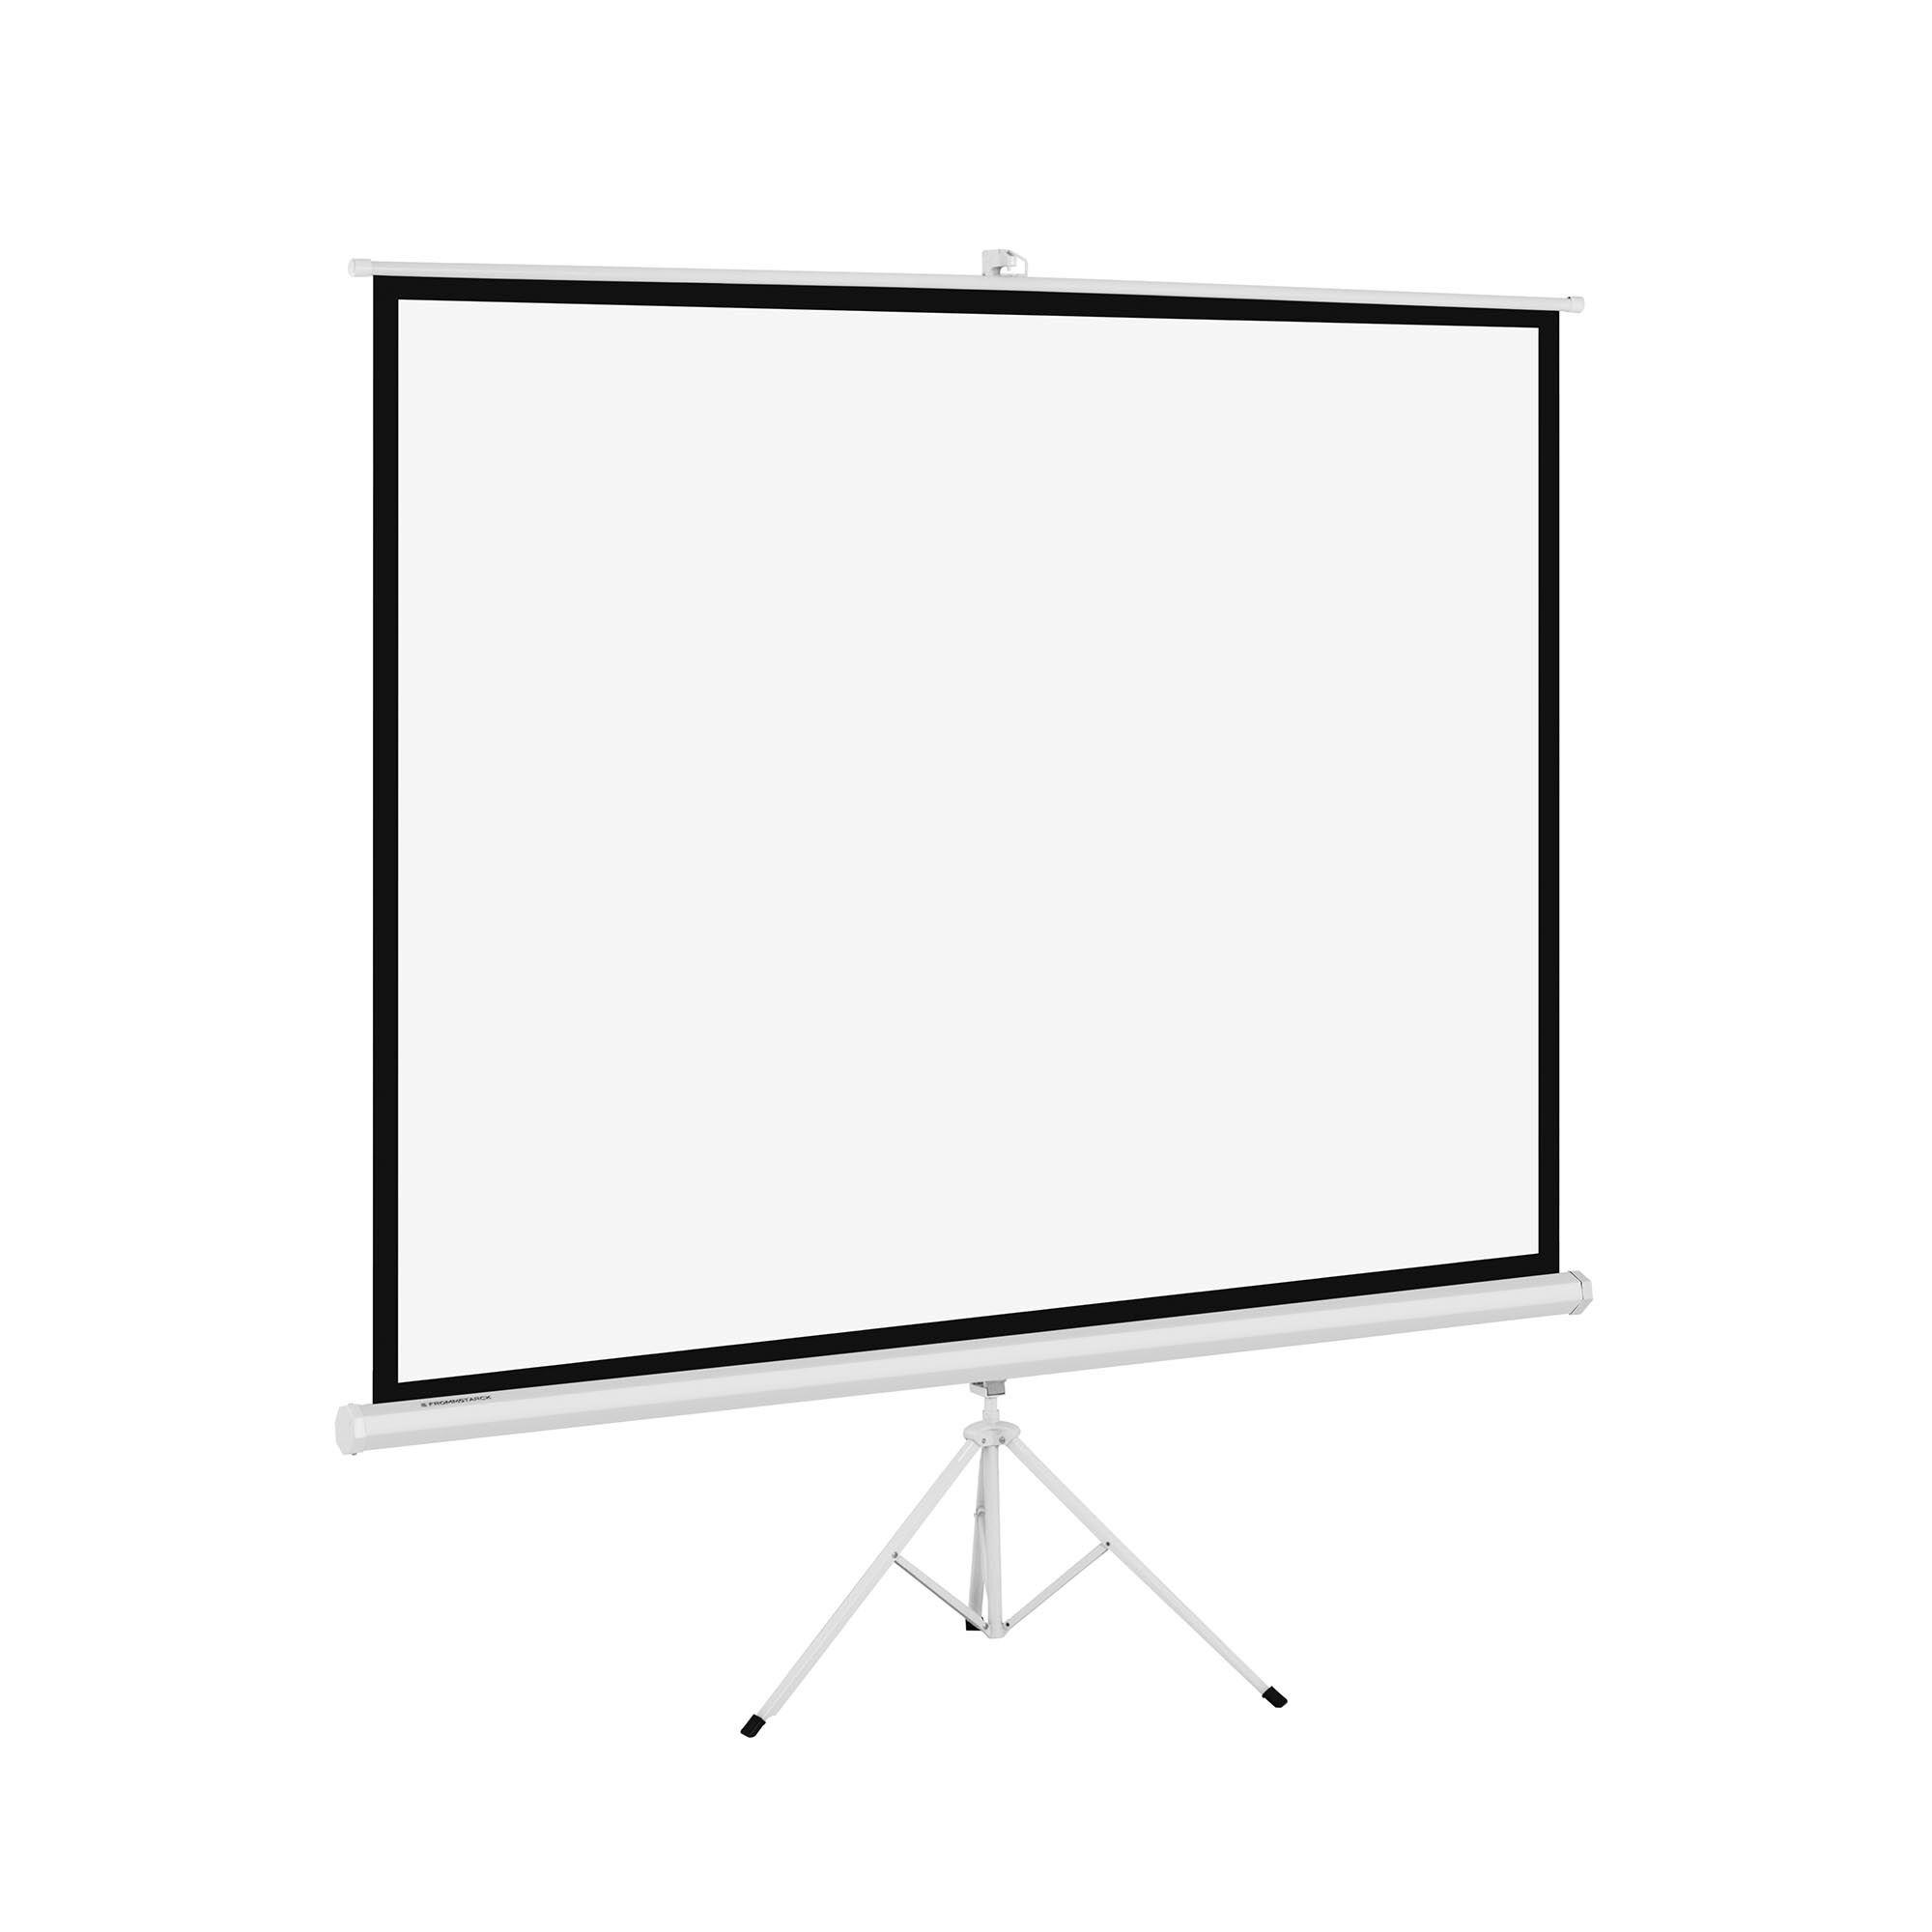 fromm & starck schermo per proiettore con treppiedi - 211 x 161 cm - 4:3 star_rs100s43_01